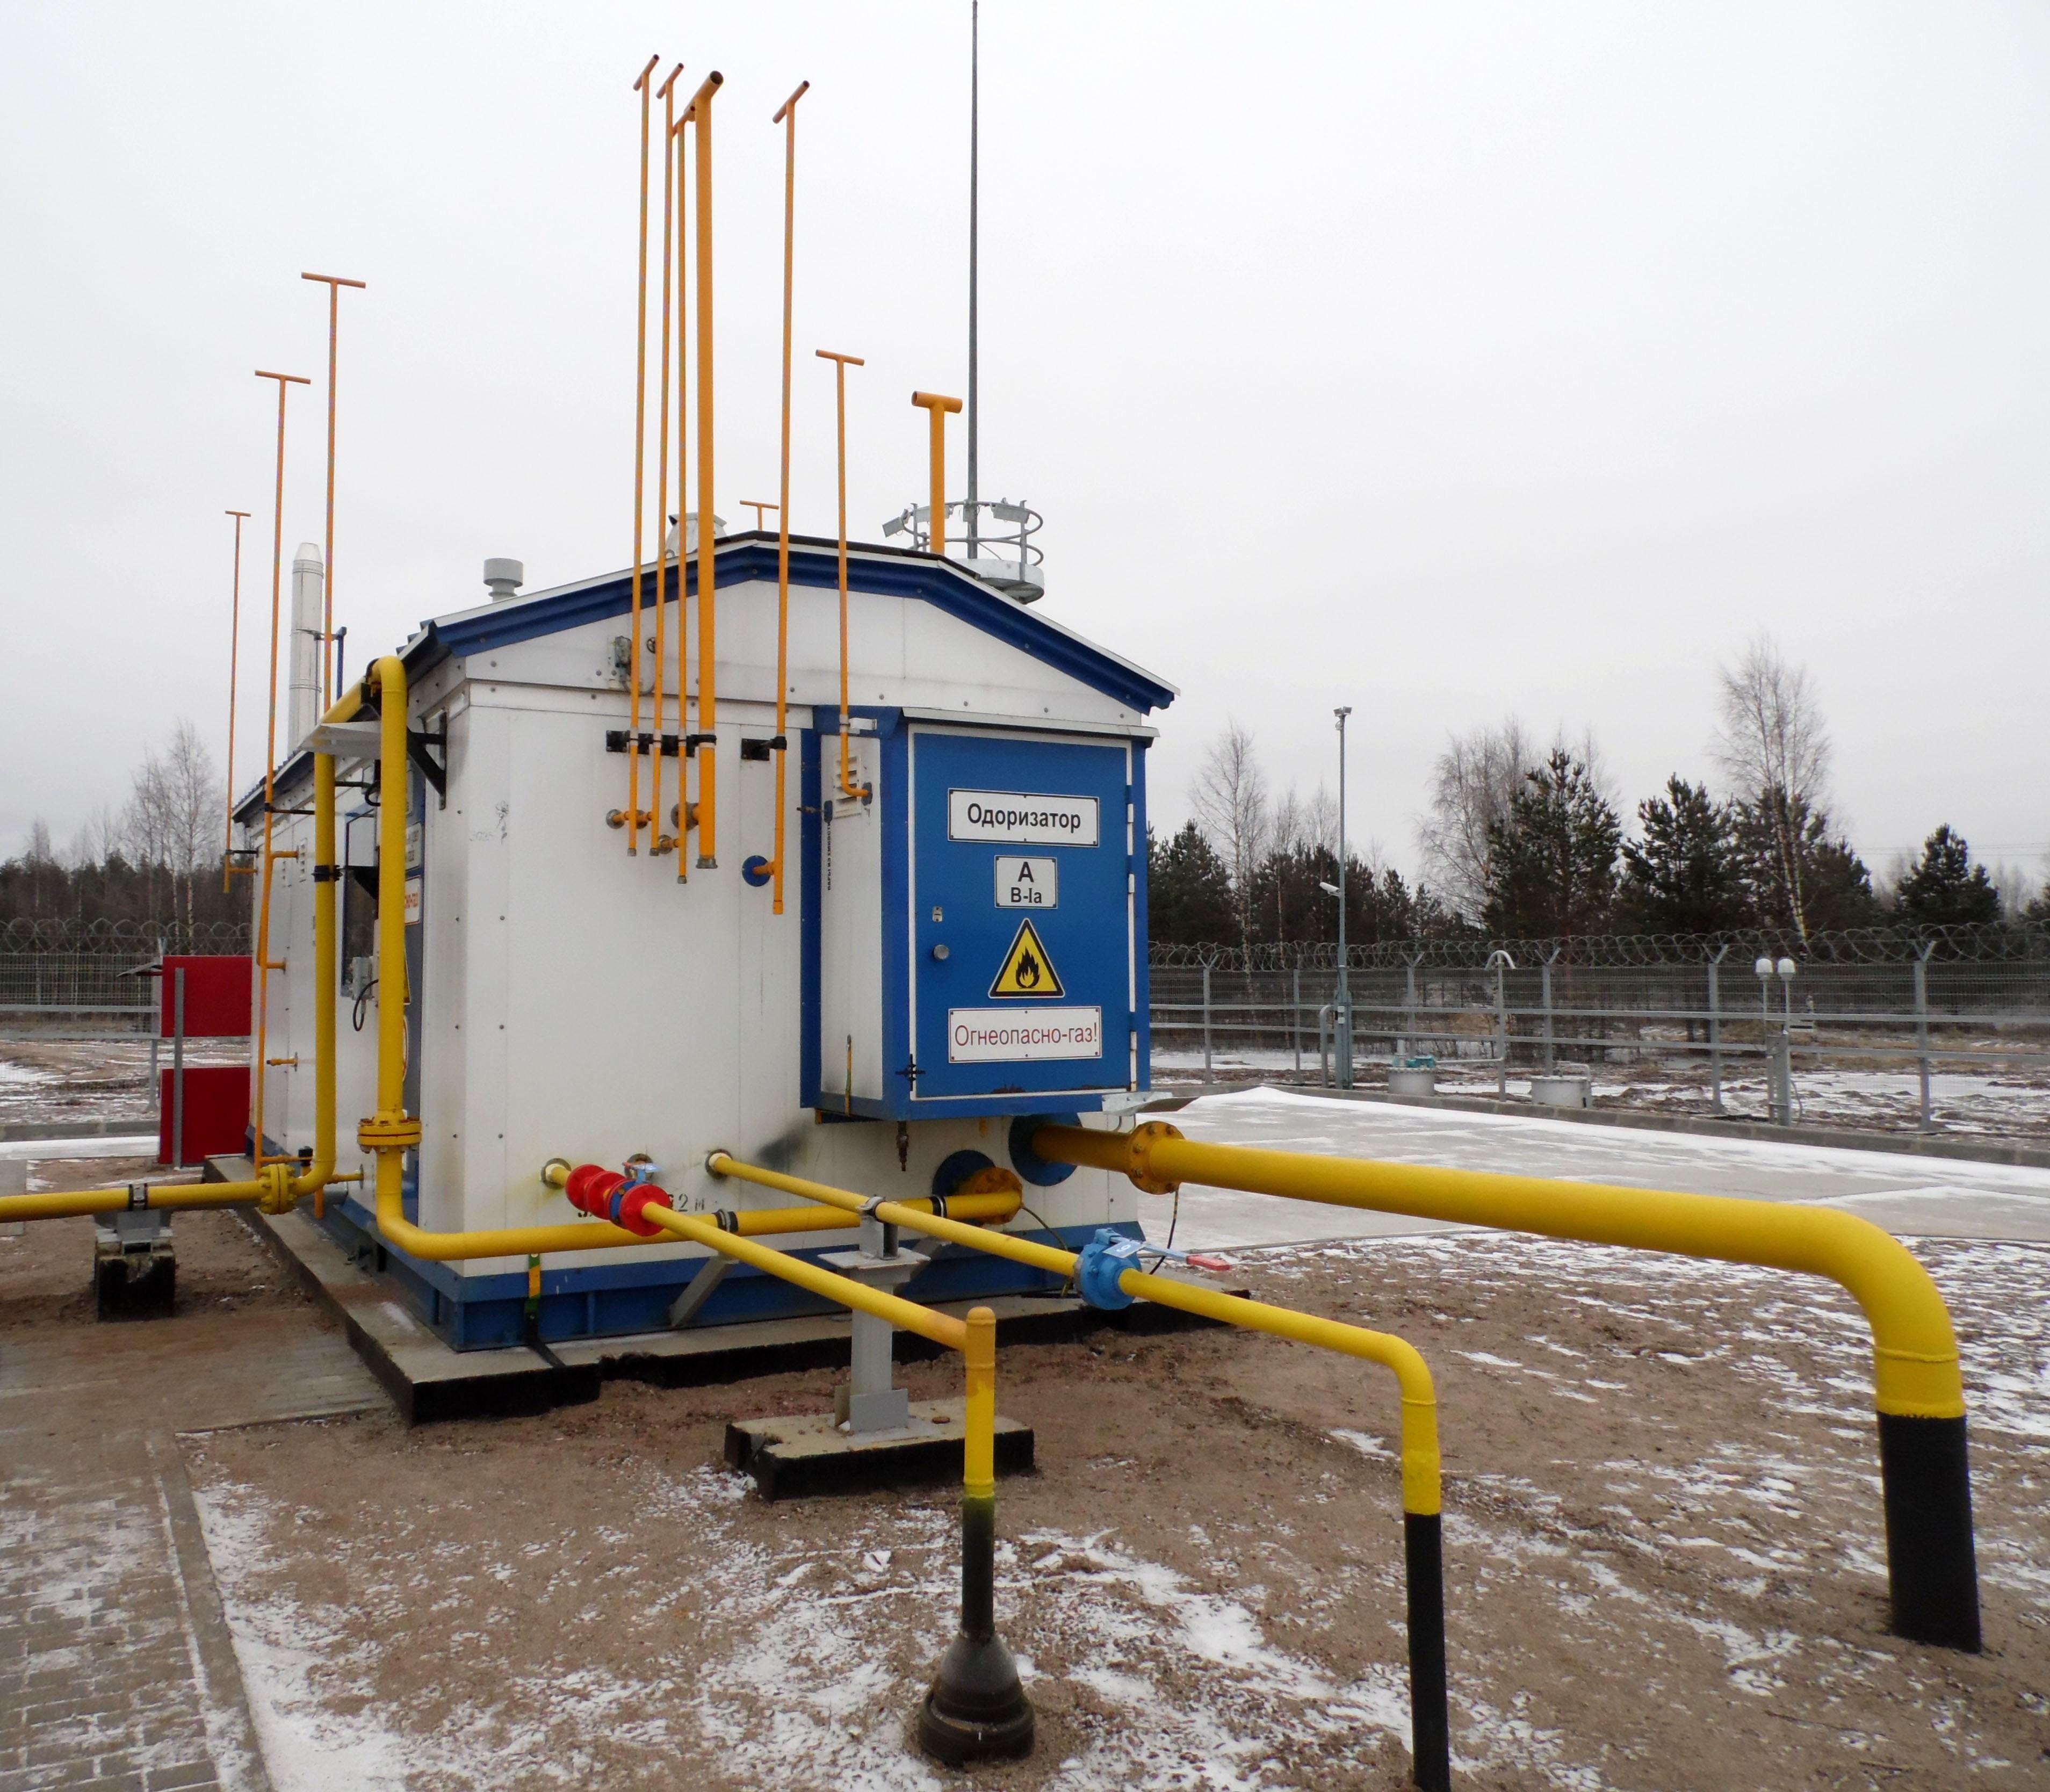 После прихода в Олонец природного газа тарифы за тепло для горожан стали еще выше. Фото: Алексей Владимиров